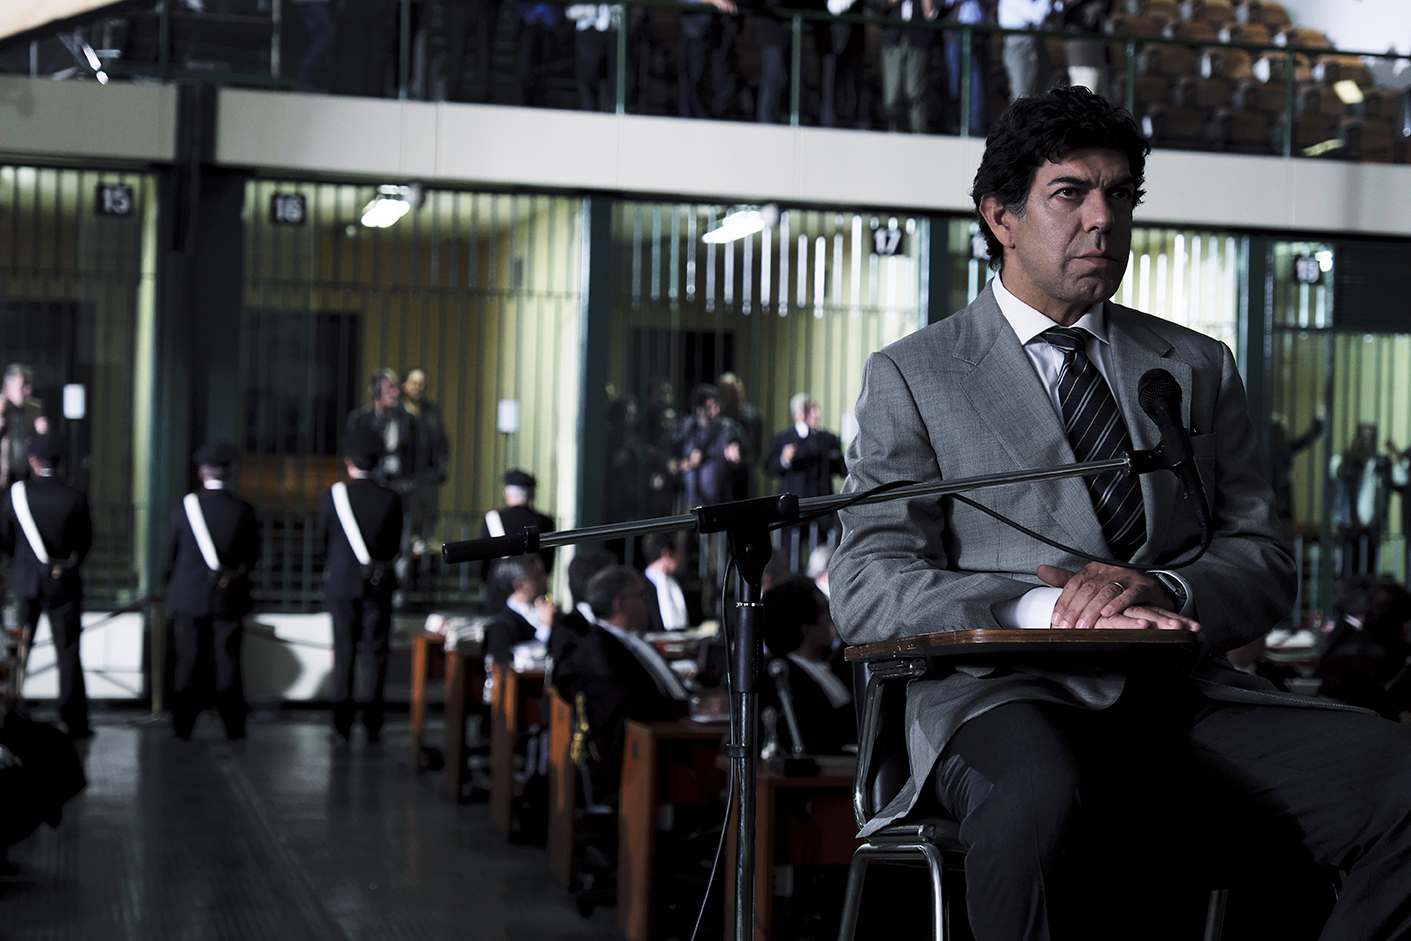 史上首位黑幫大佬背棄黑幫組織 庭審全程對峙刺激精彩